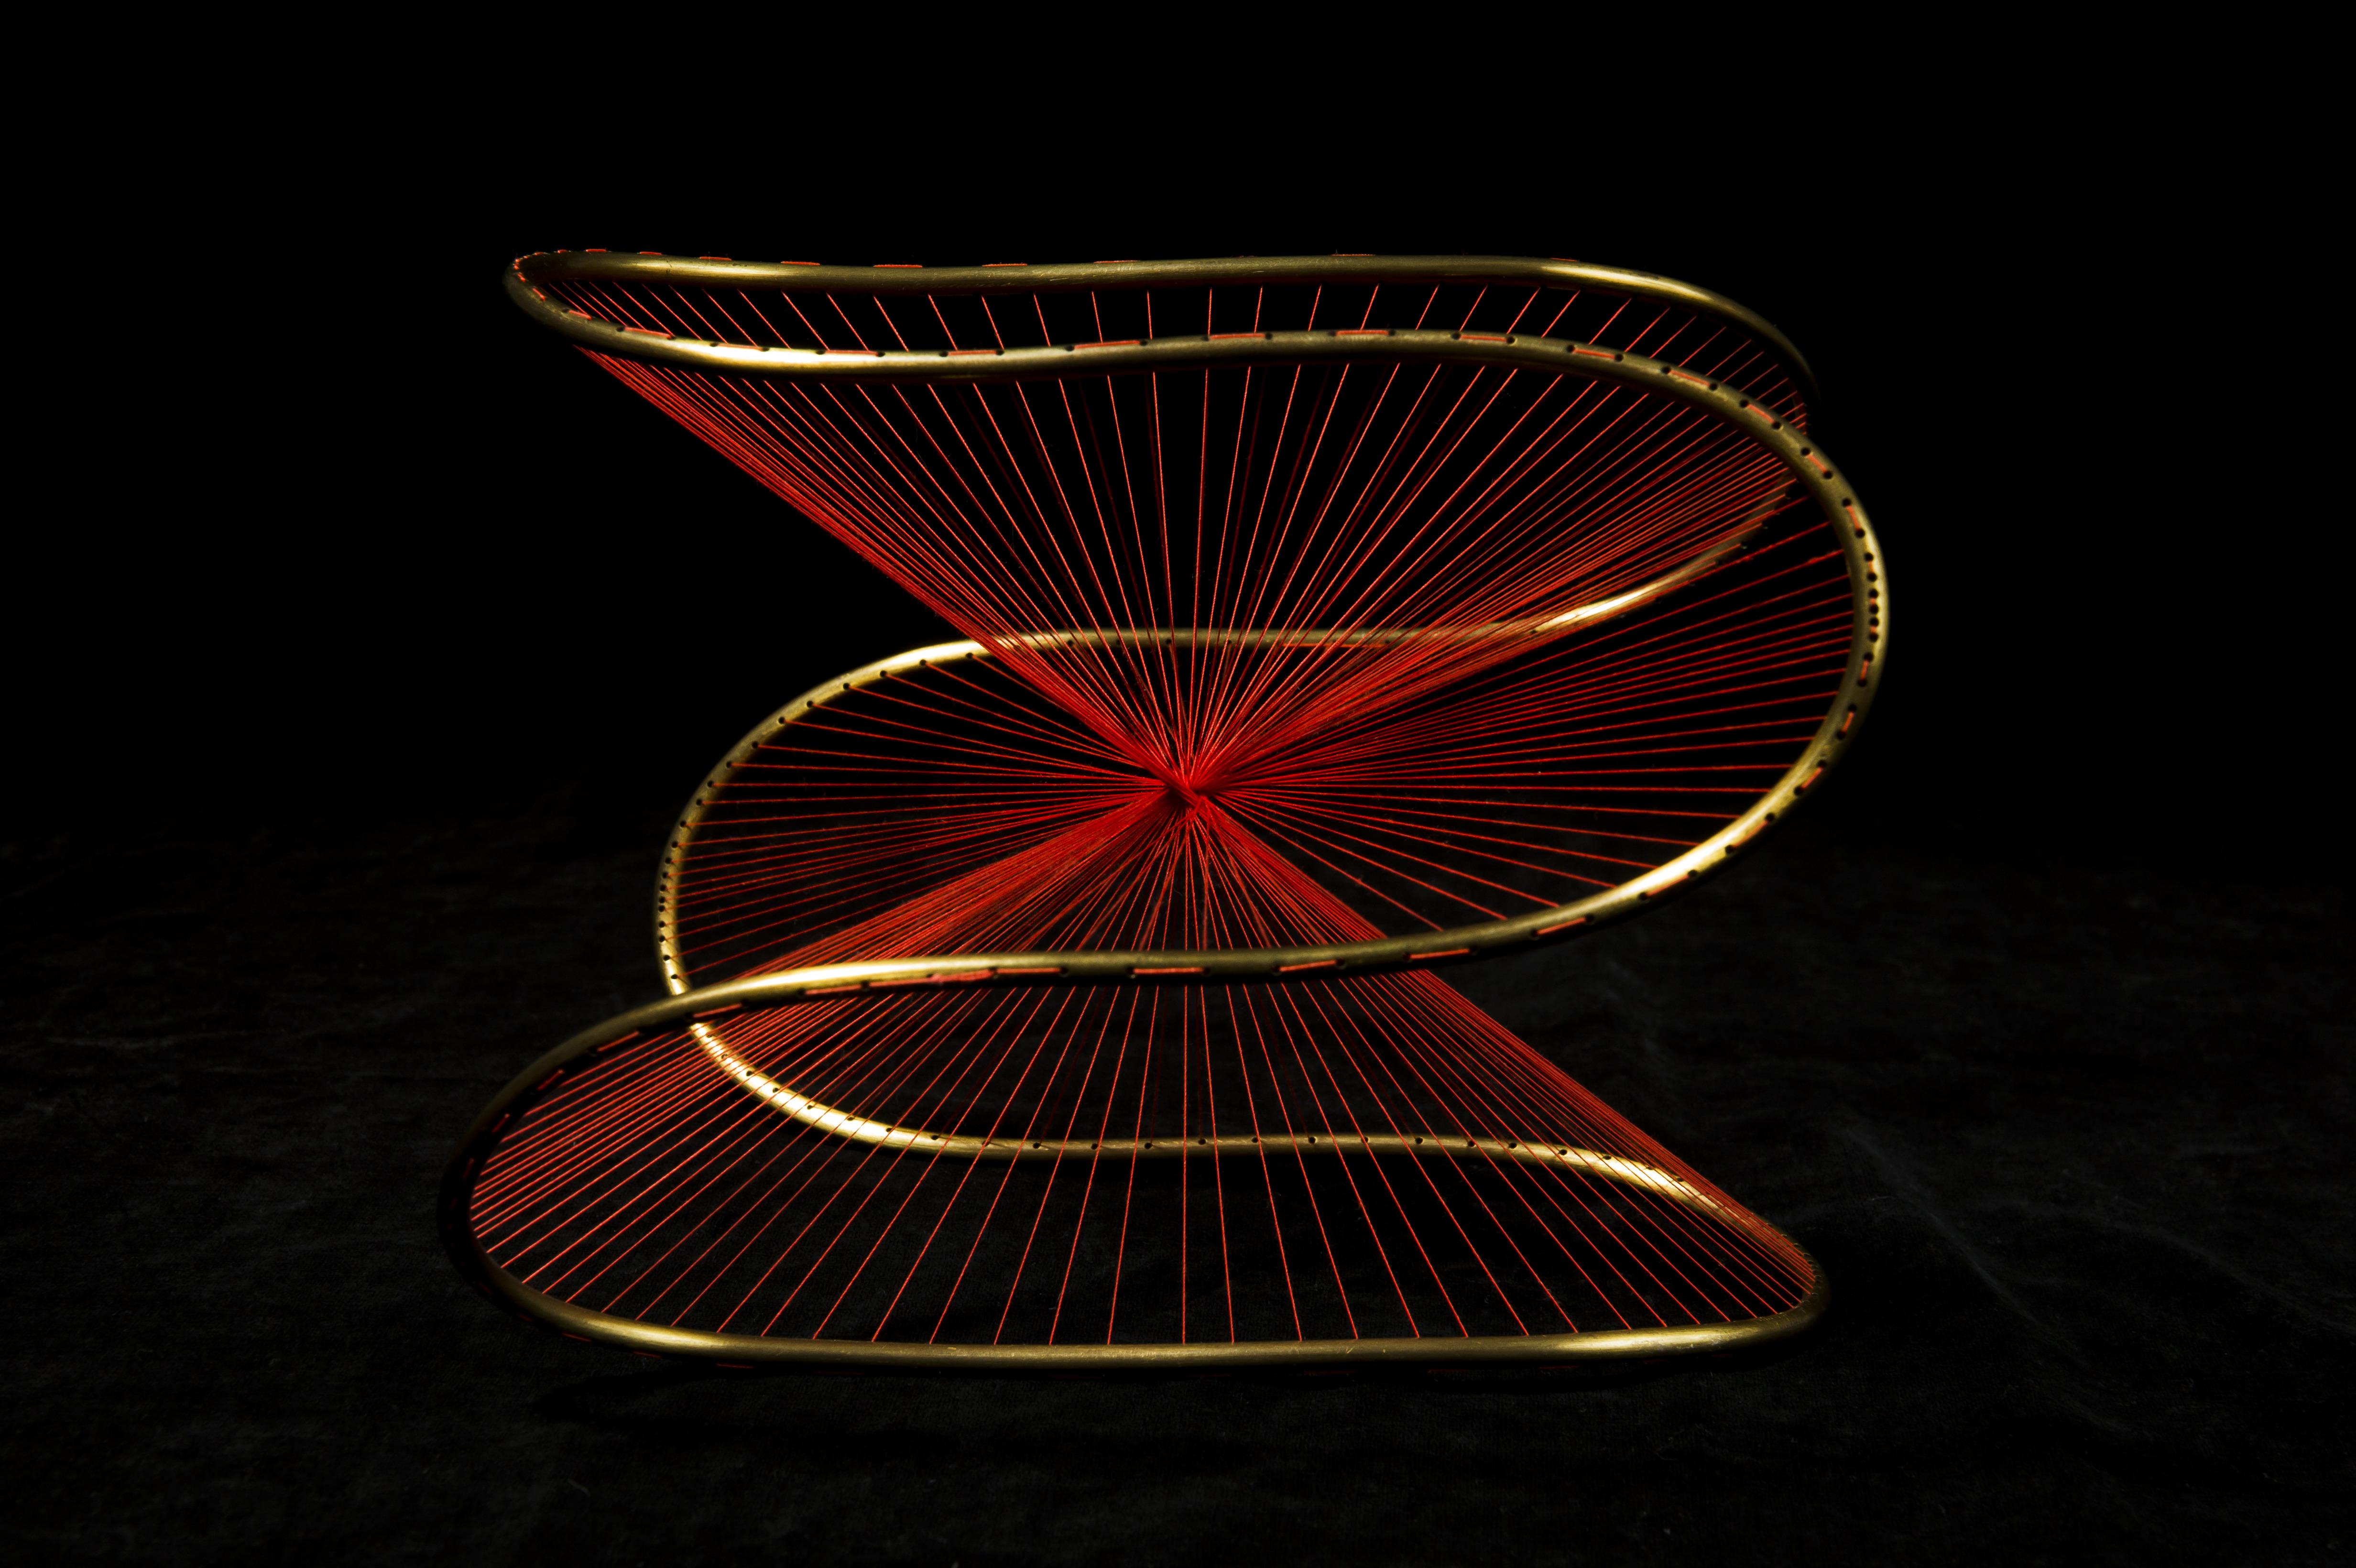 수학자 조셉 까롱이 학생들 교육용으로 만들었던 수학 모형은 현재 예술적 가치를 인정받아 푸앵카레연구소 및 프랑스 내 과학관 여러 곳에서 전시 중이다 - 수학동아 제공